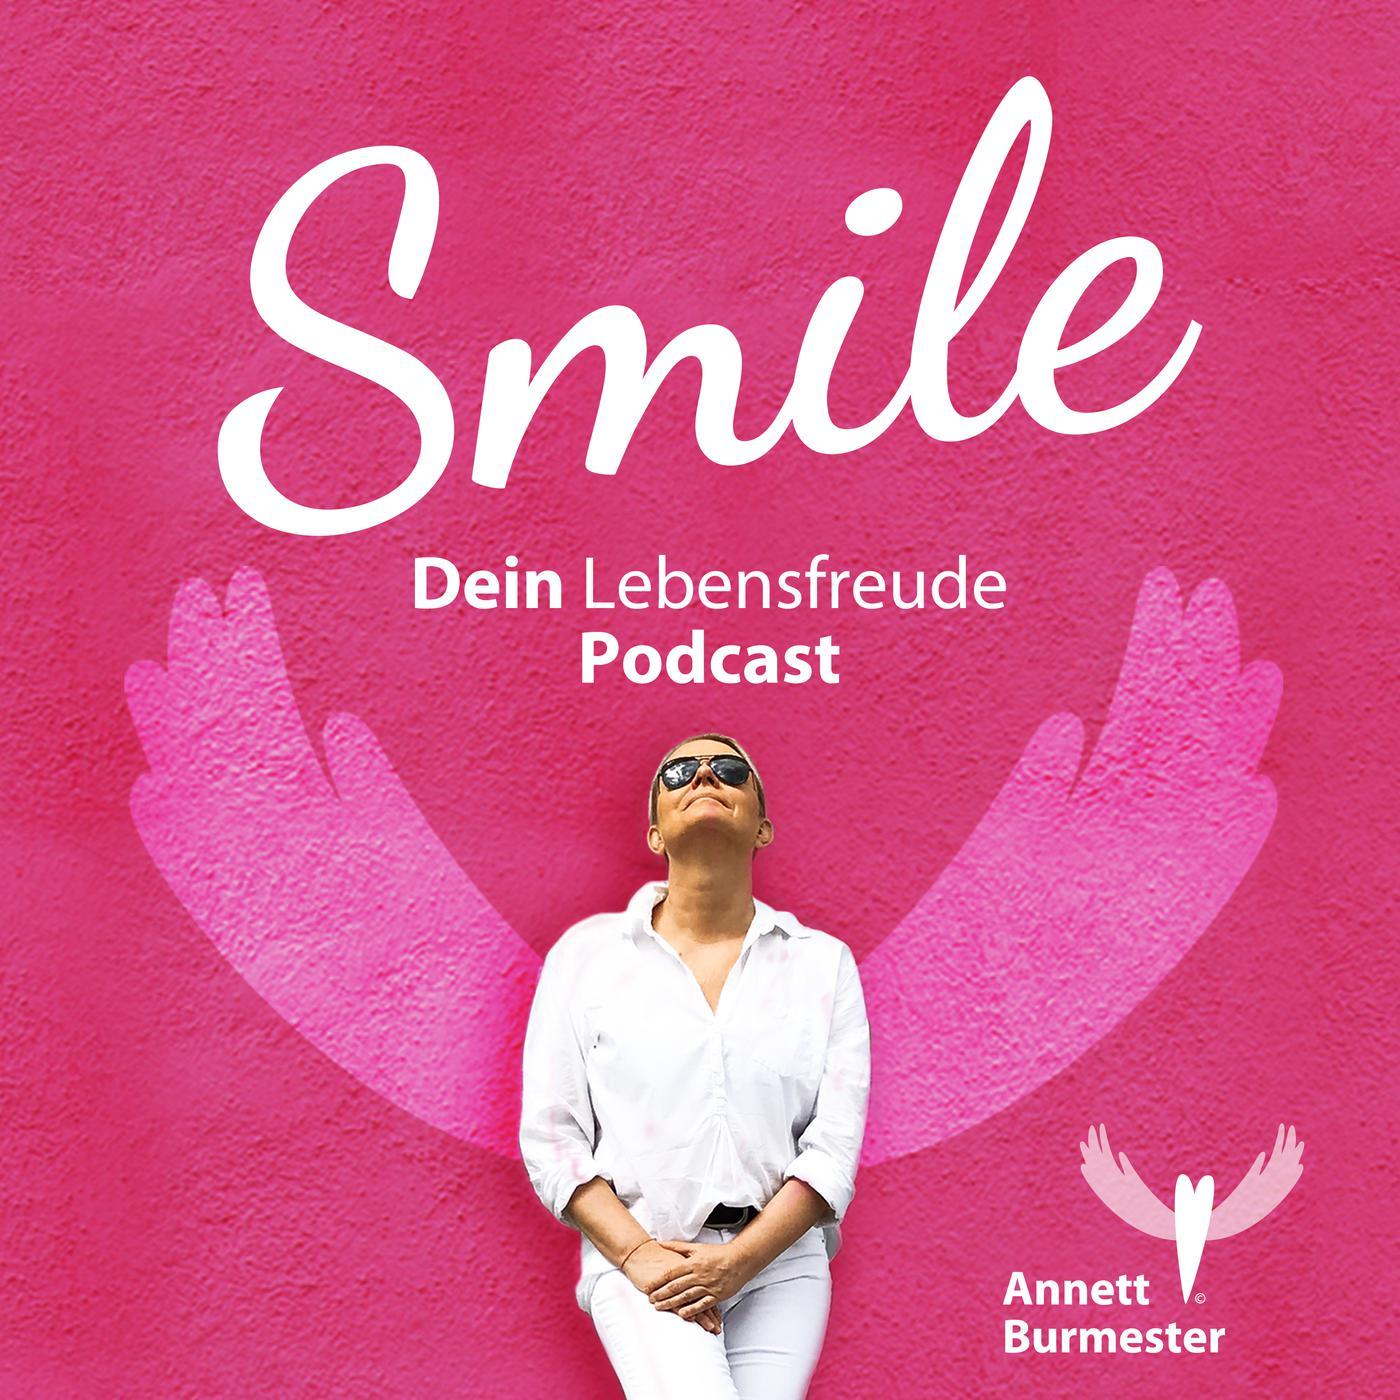 Smile Dein Lebensfreude Podcast Annett Burmester Der